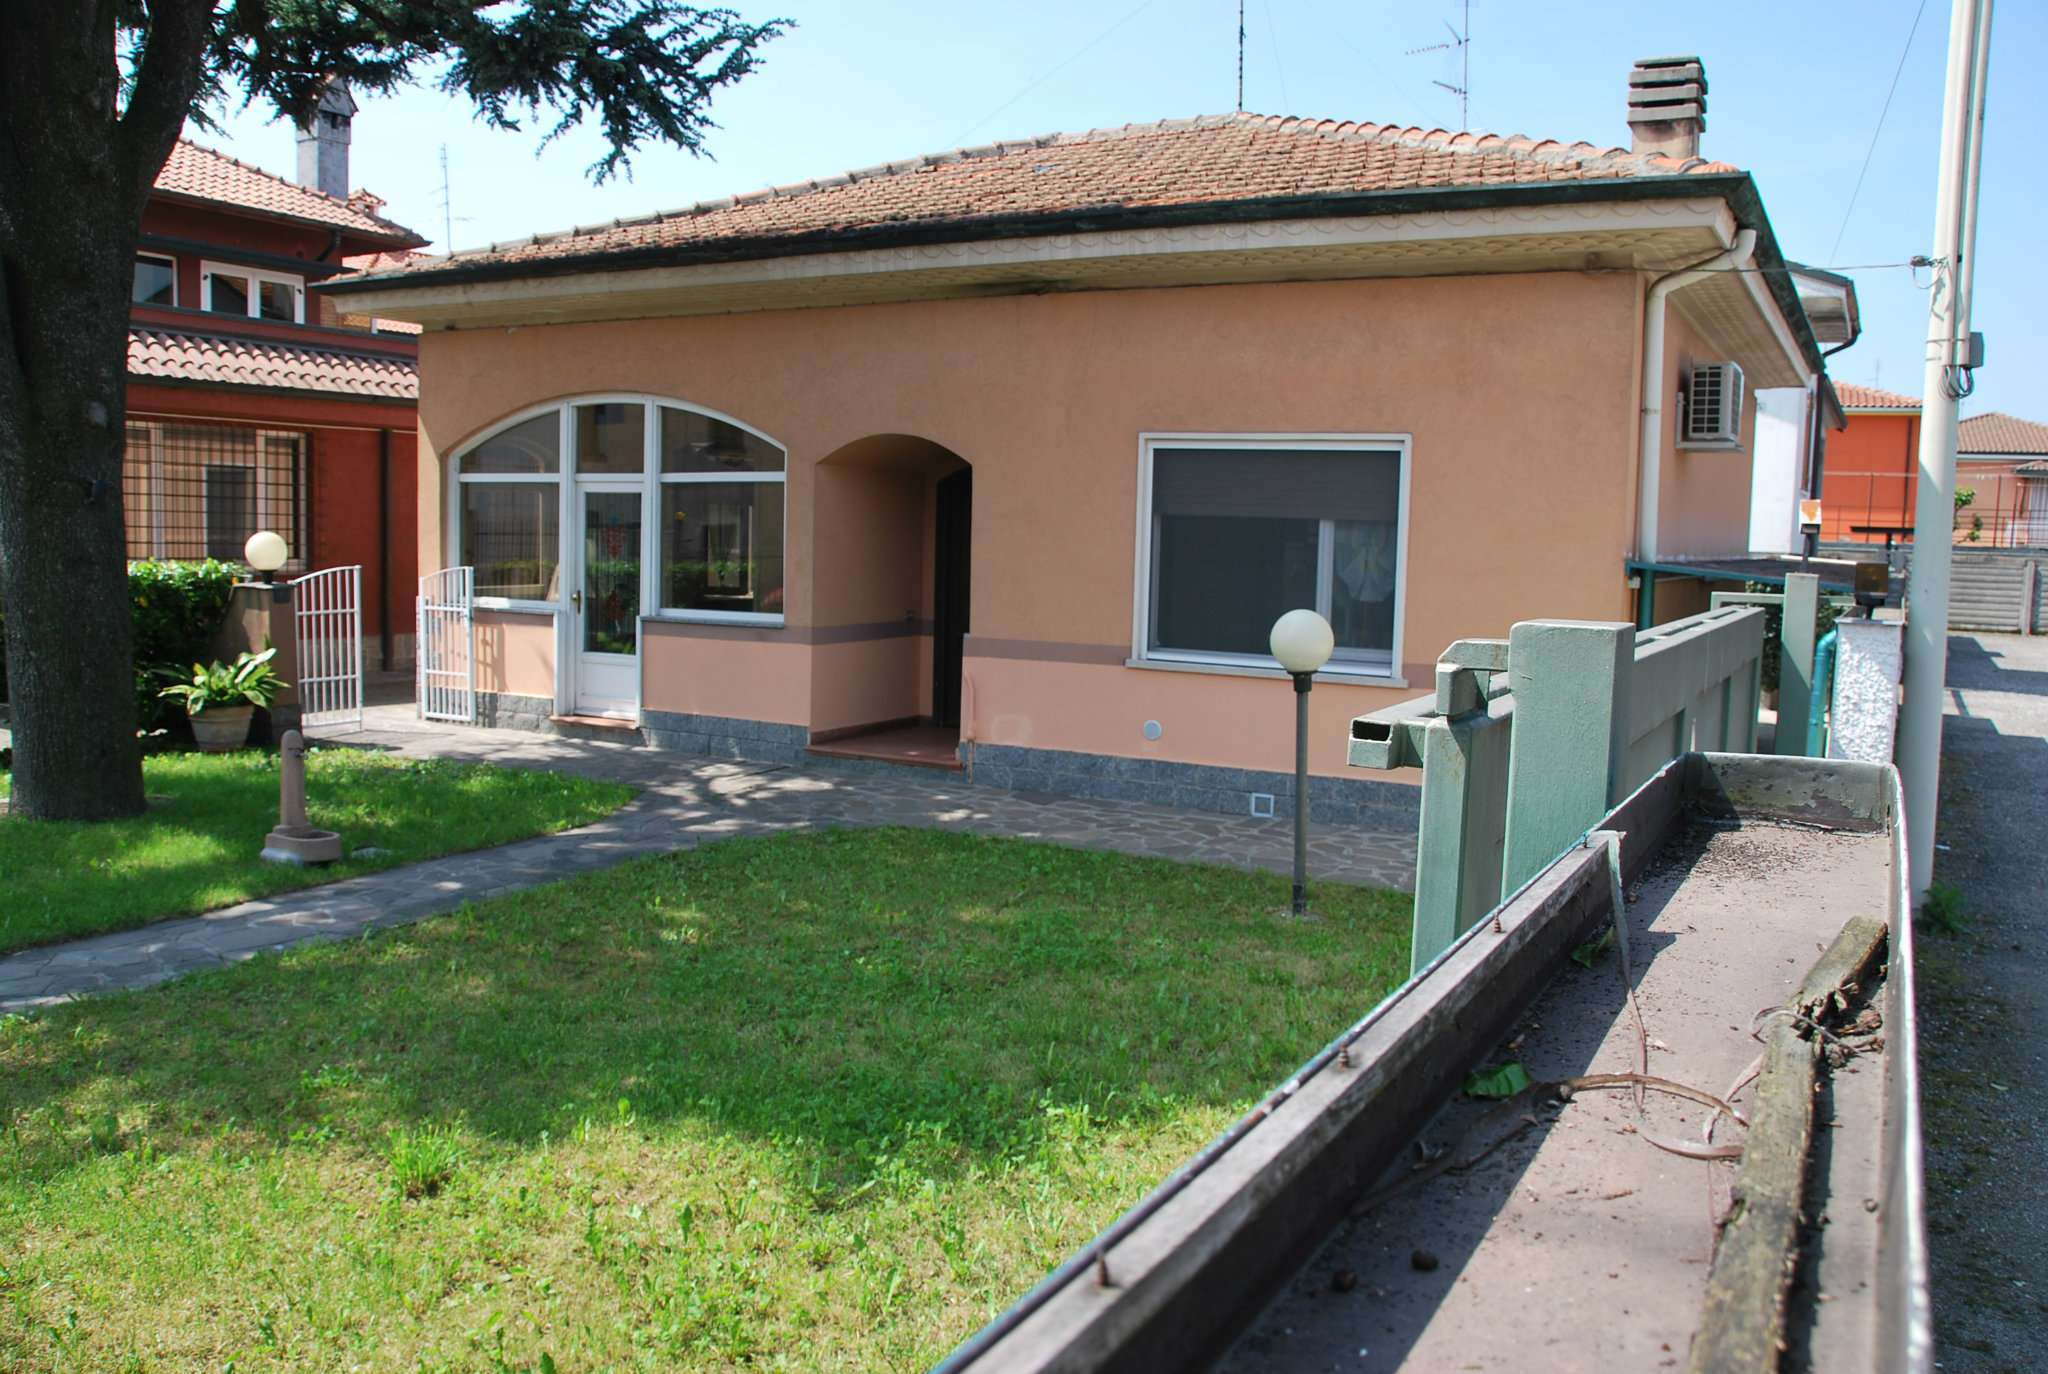 Villa in vendita a Canegrate, 3 locali, prezzo € 210.000 | CambioCasa.it